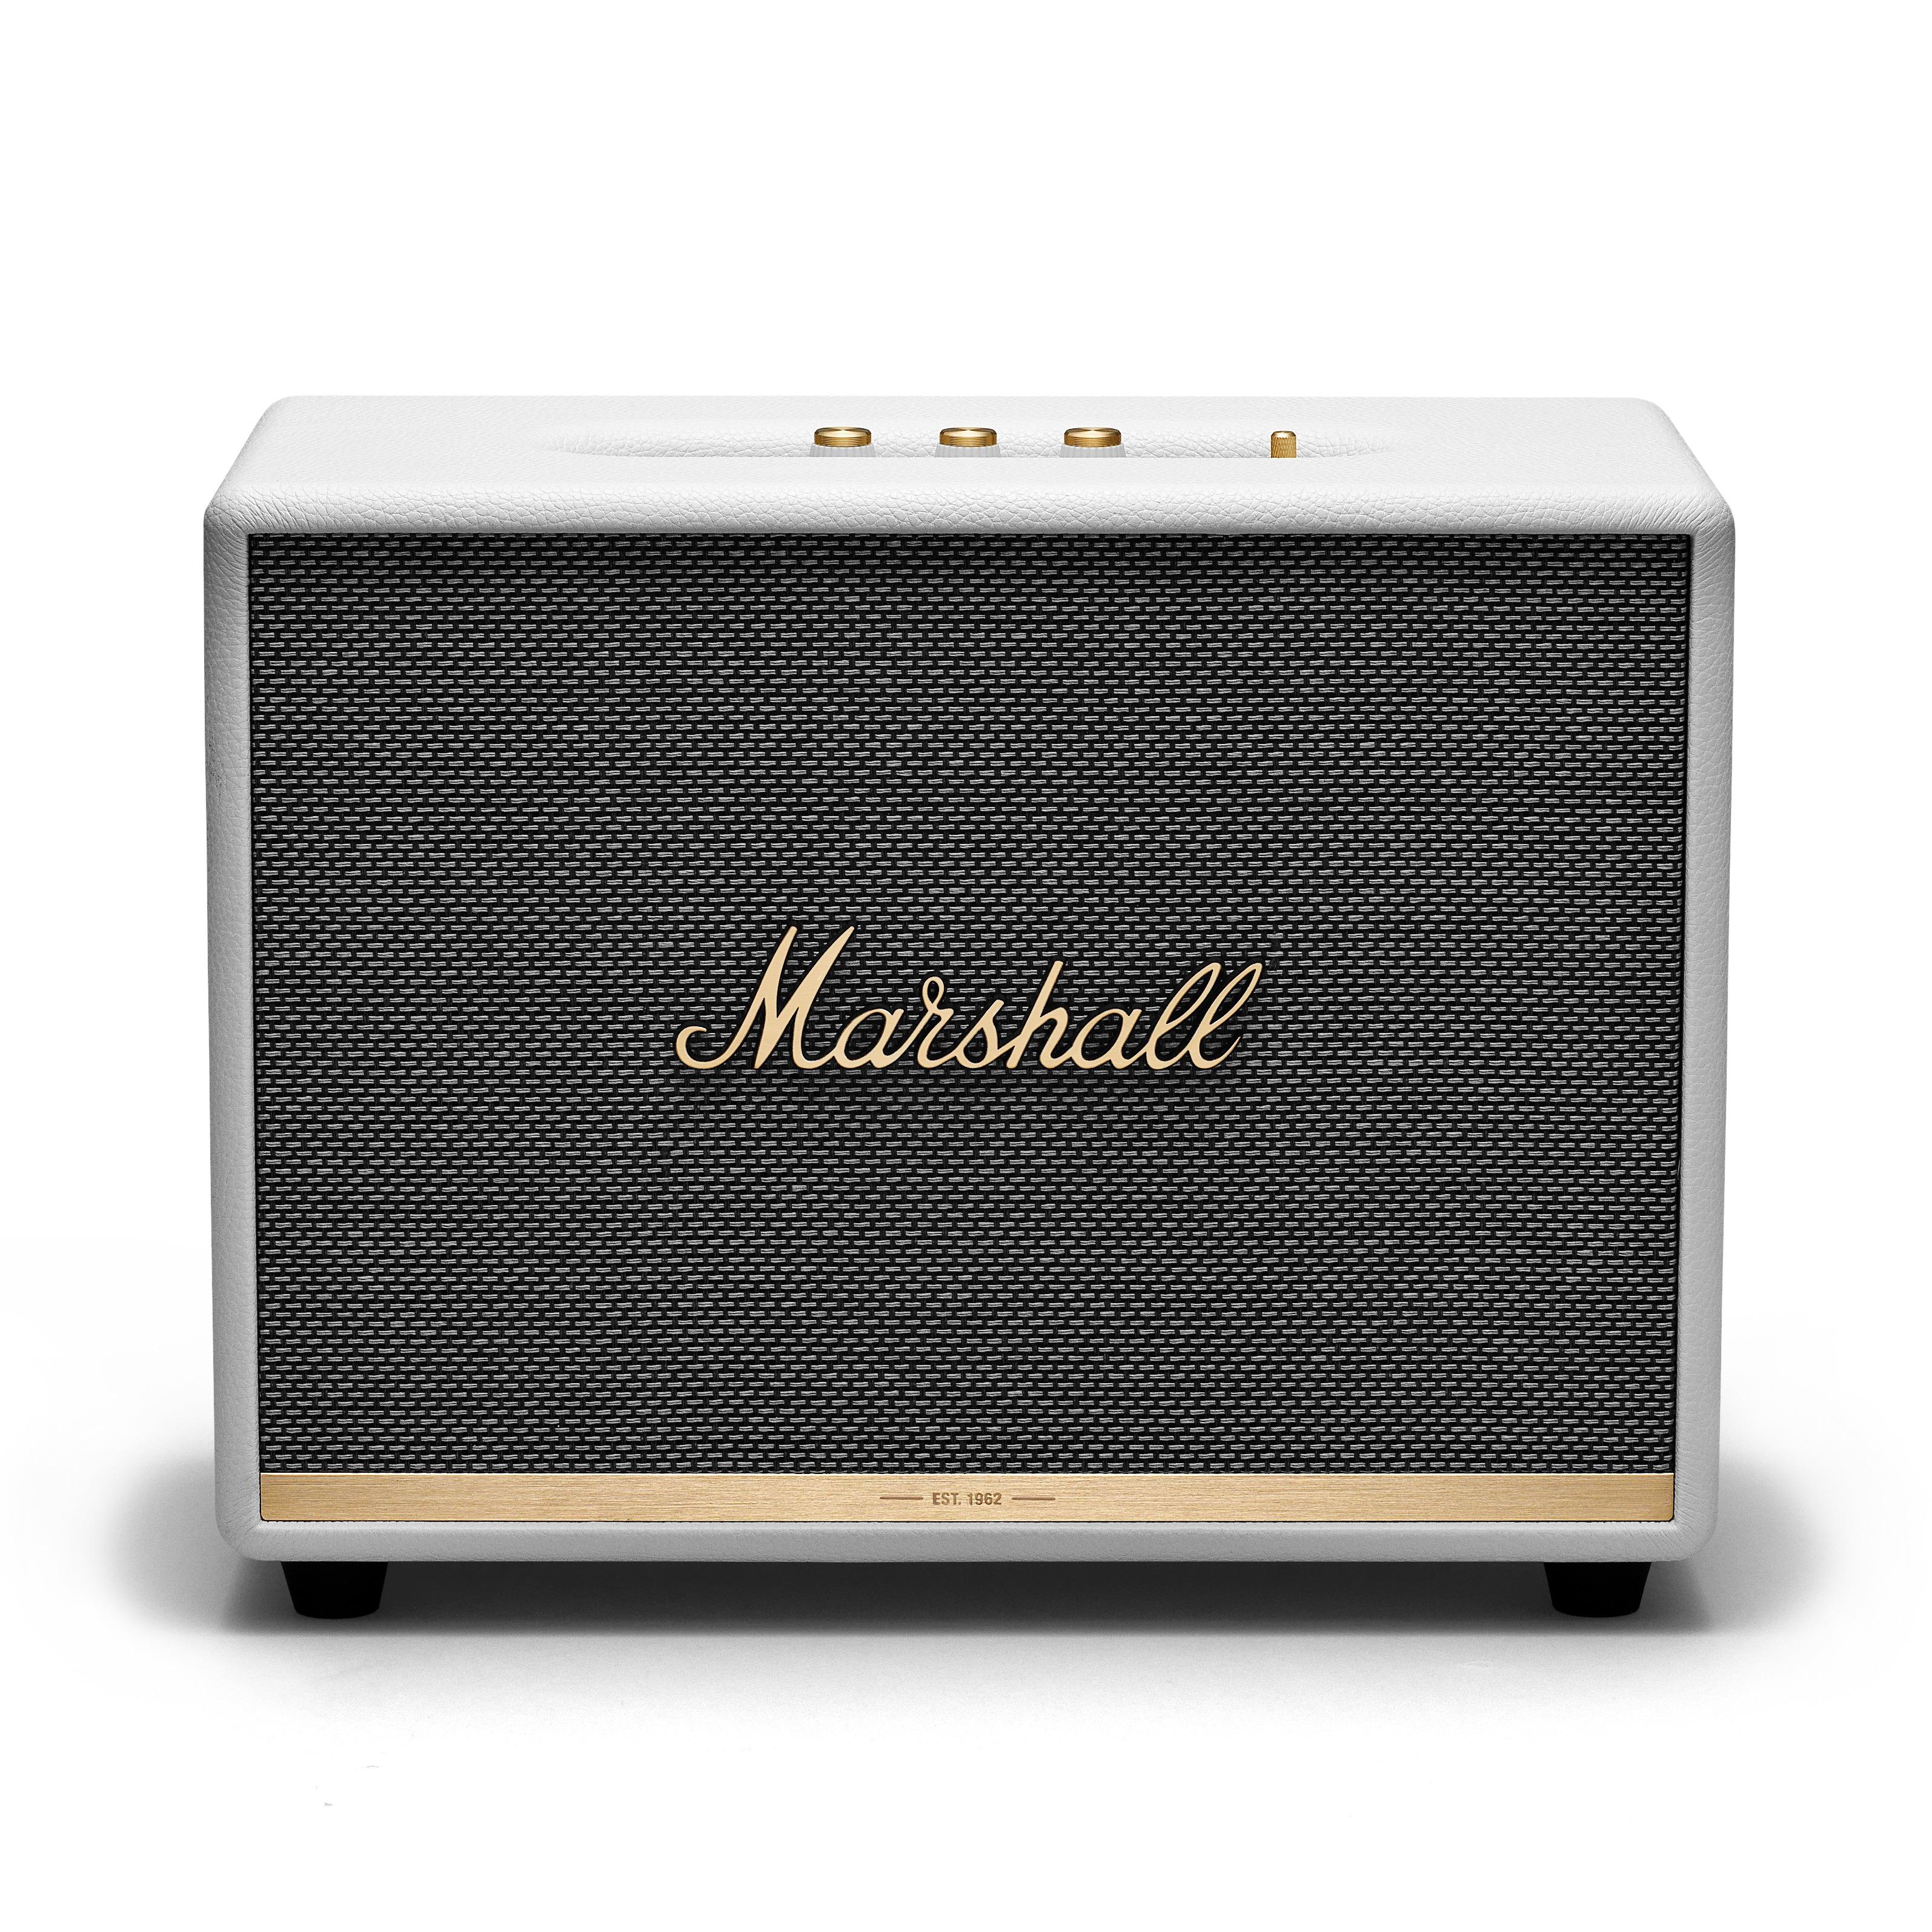 Foto van Marshall Woburn II Bluetooth speaker